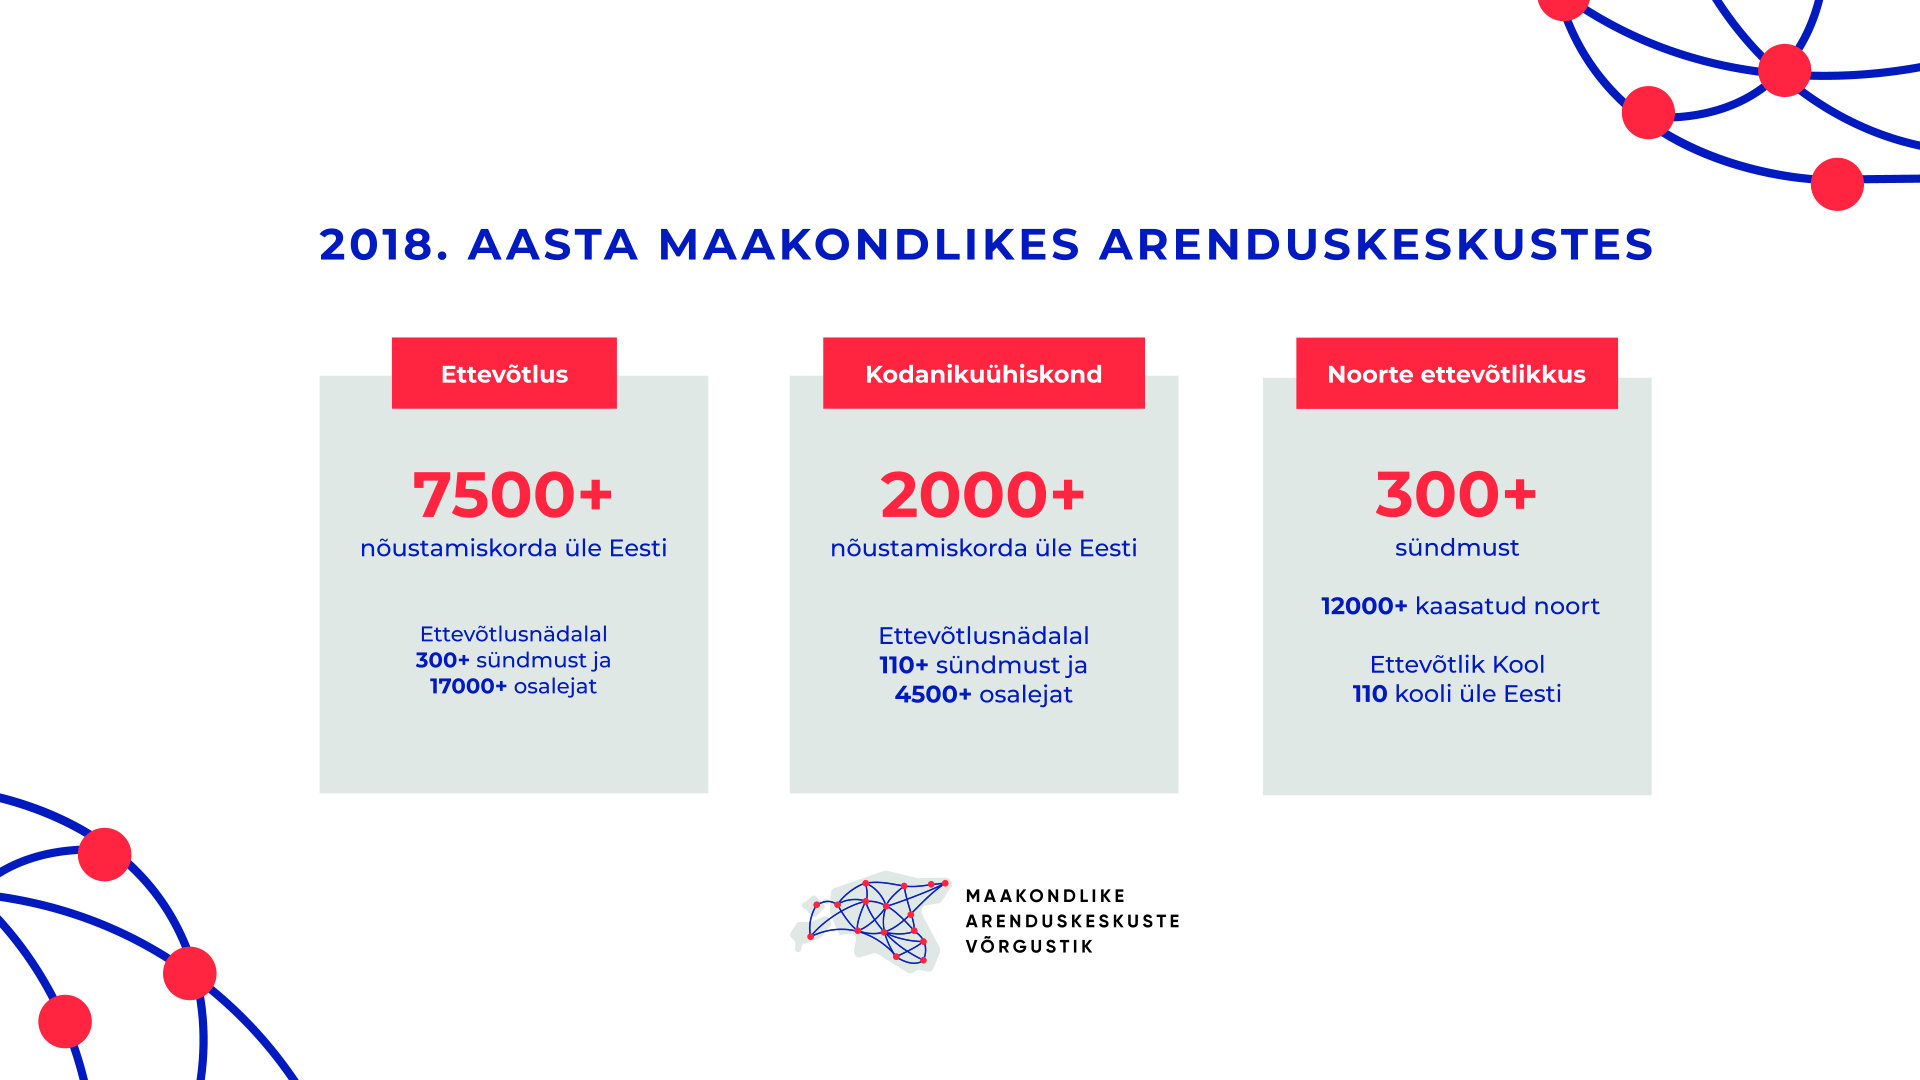 Maakondlikud arenduskeskused_2018 statistika